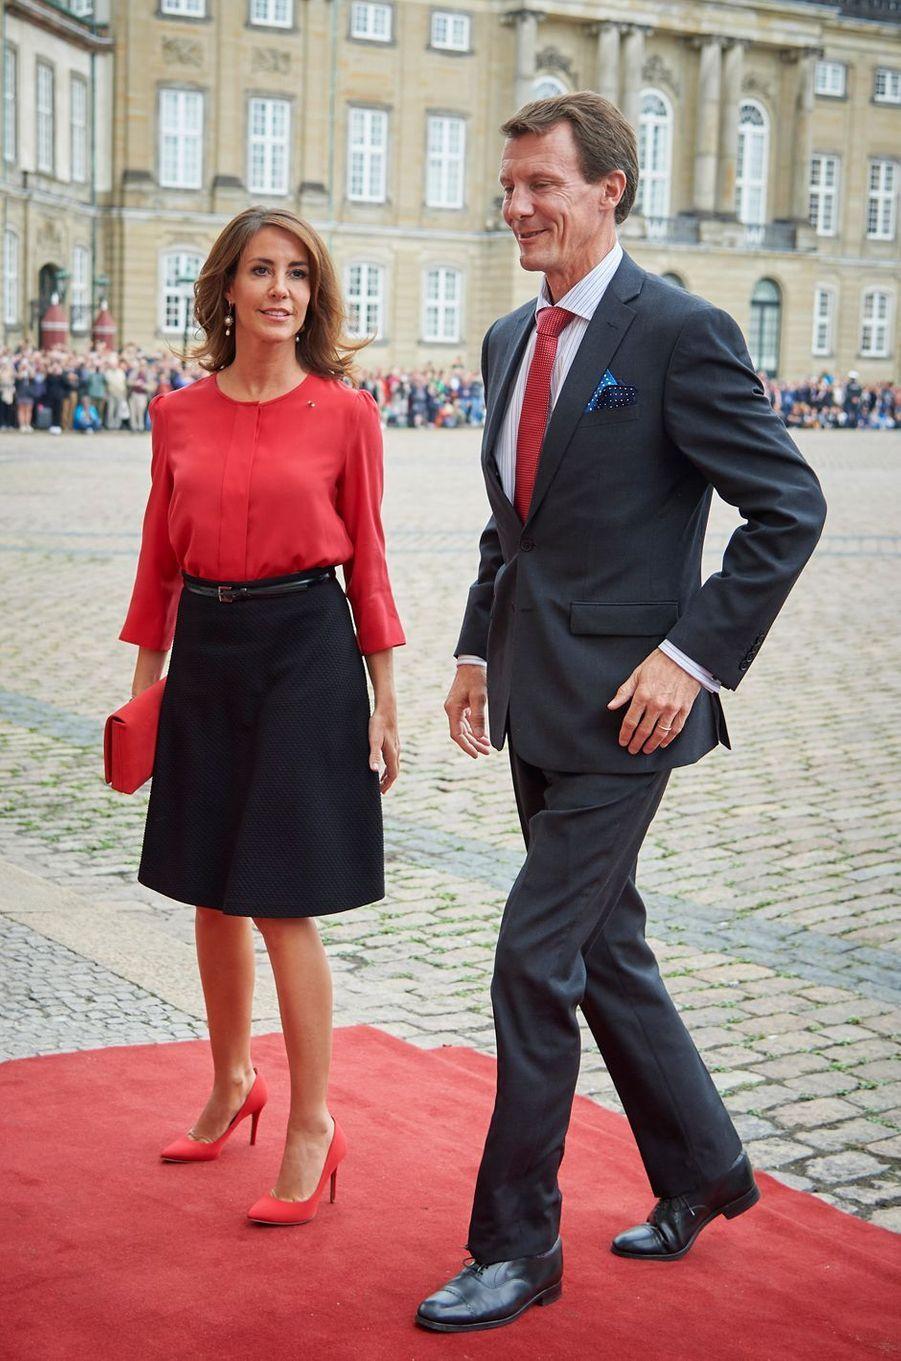 La princesse Marie et le prince Joachim de Danemark à Copenhague, le 28 août 2018